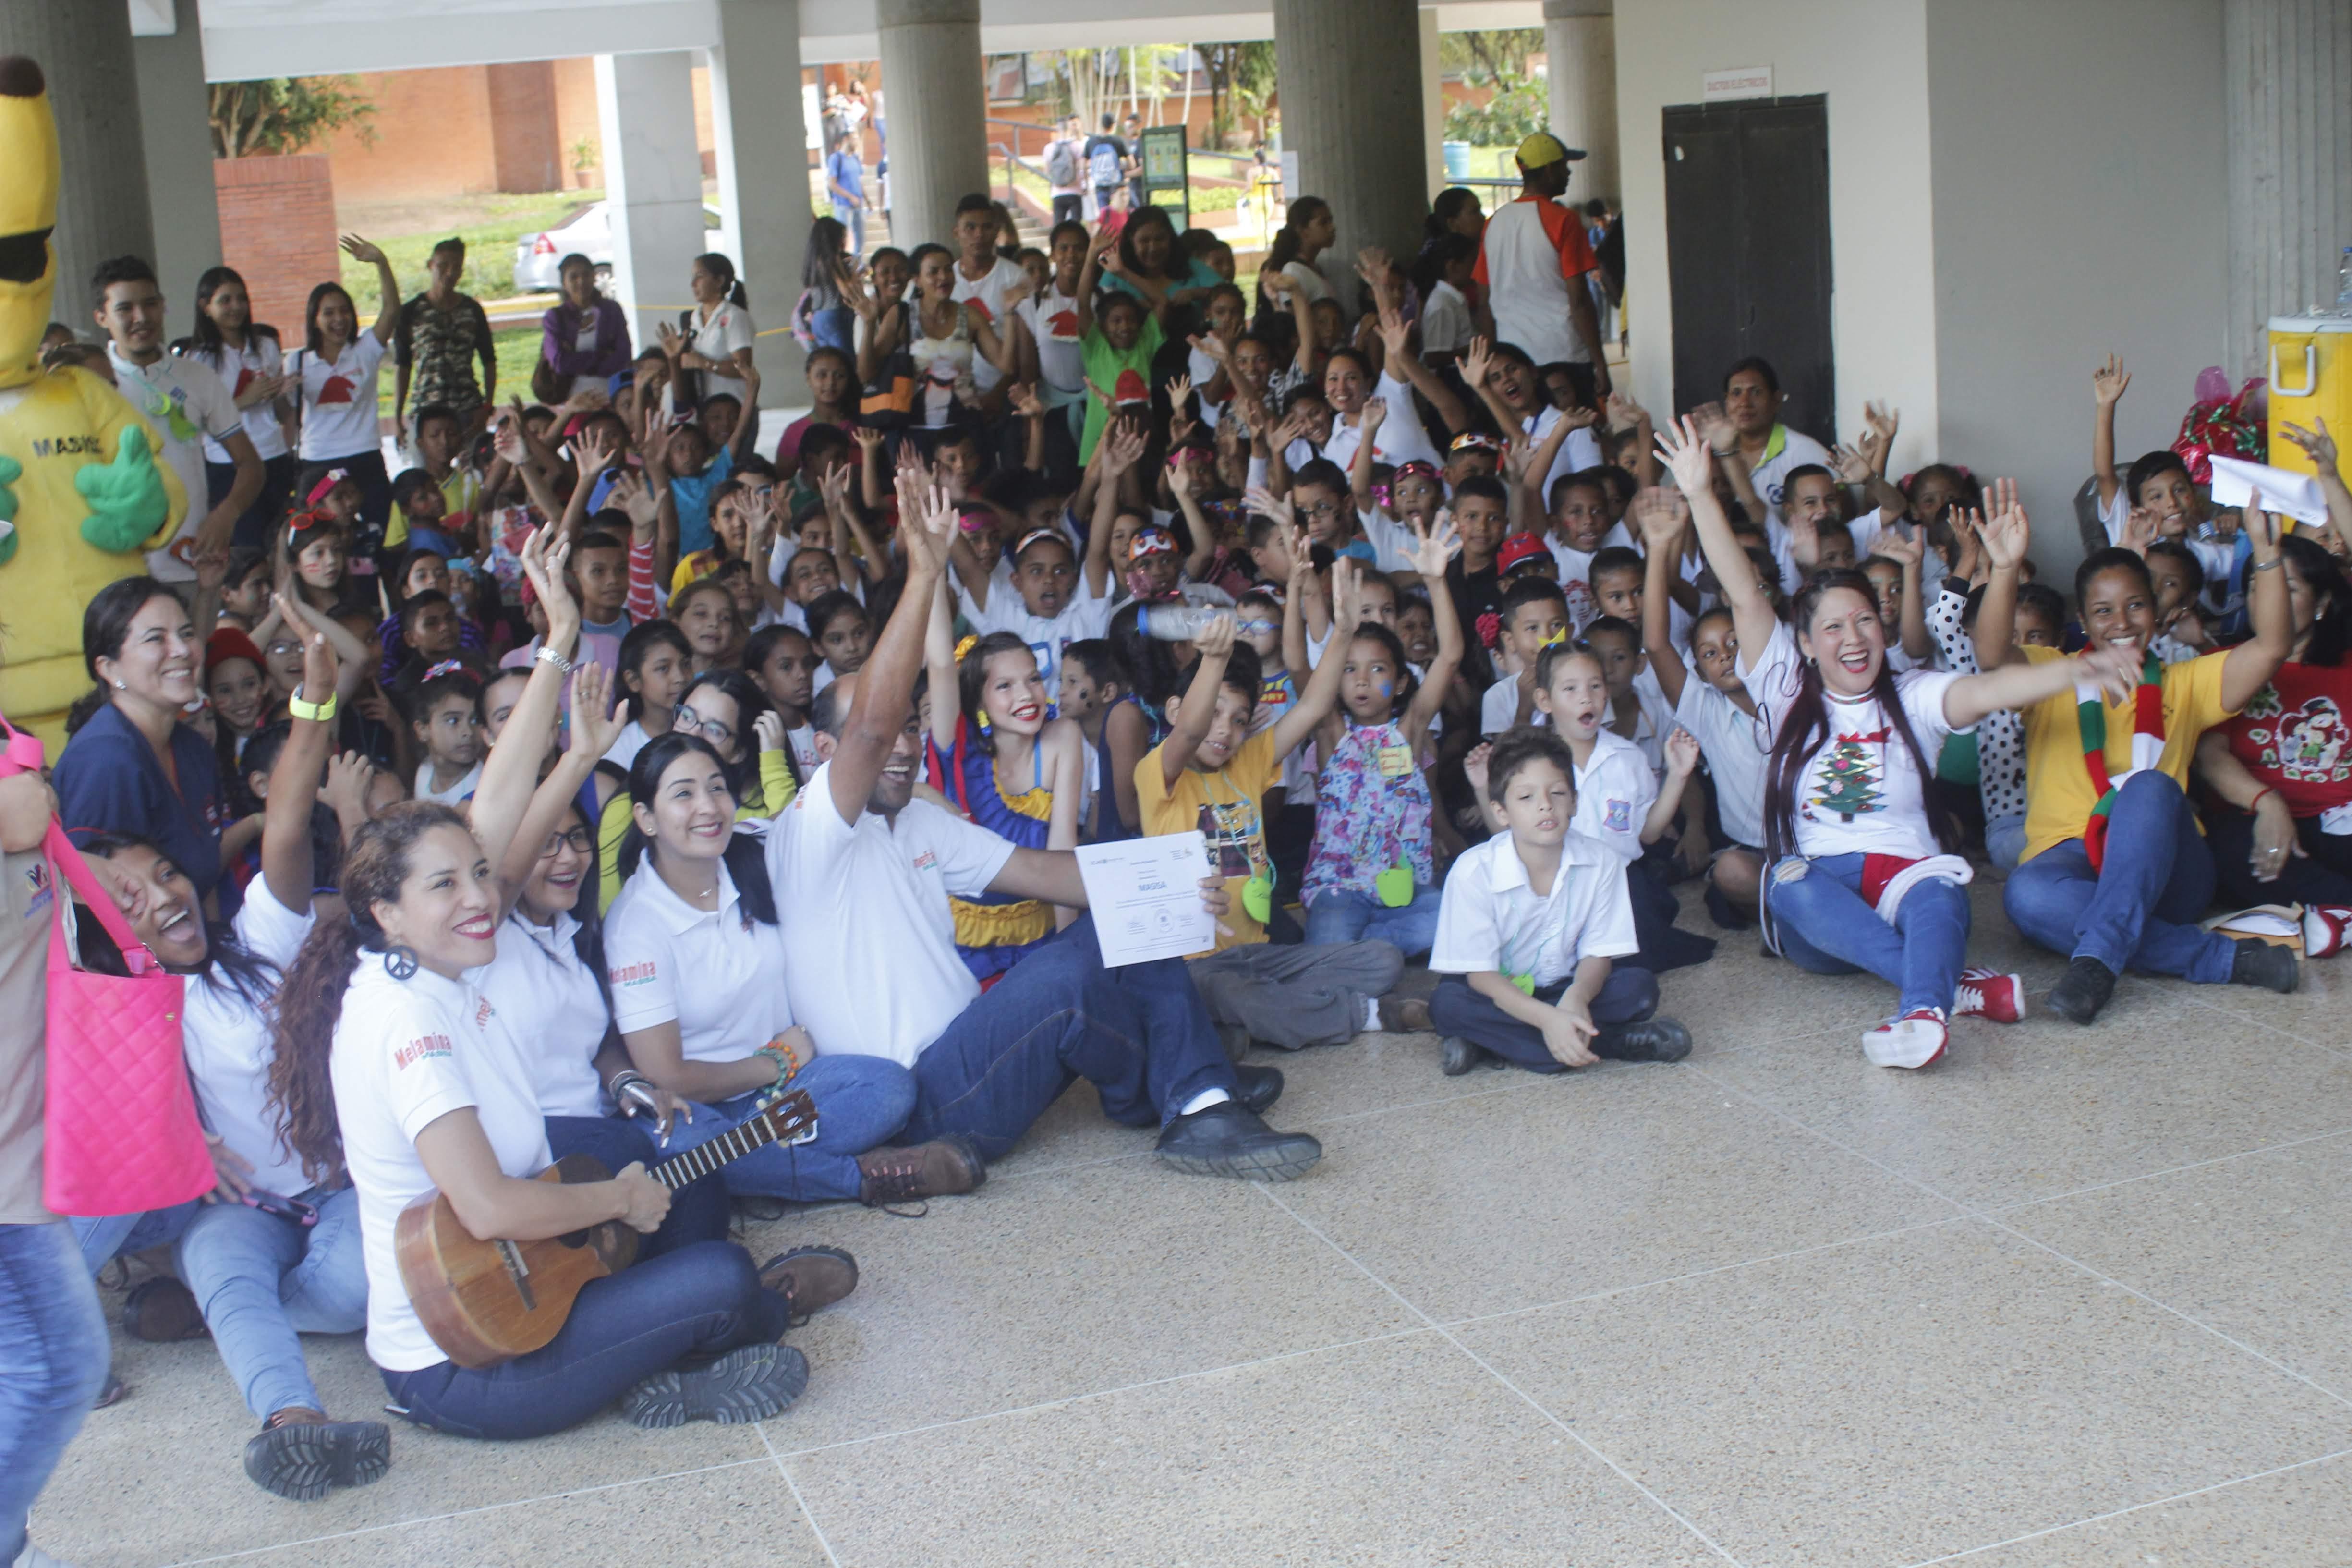 El Encuentro con los niños regaló alegría en Guayana